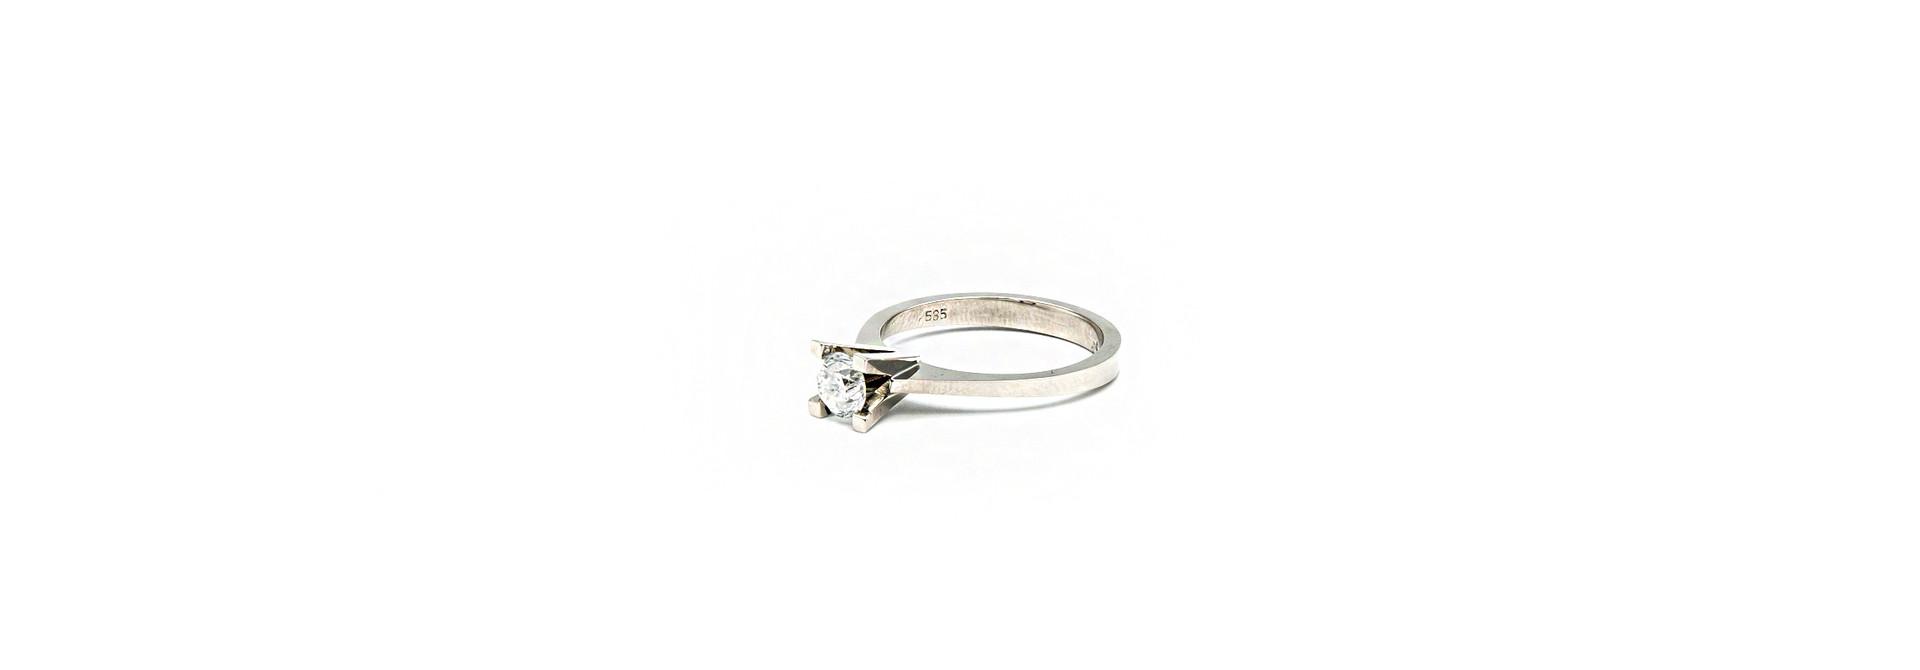 Ring solitair met diamant